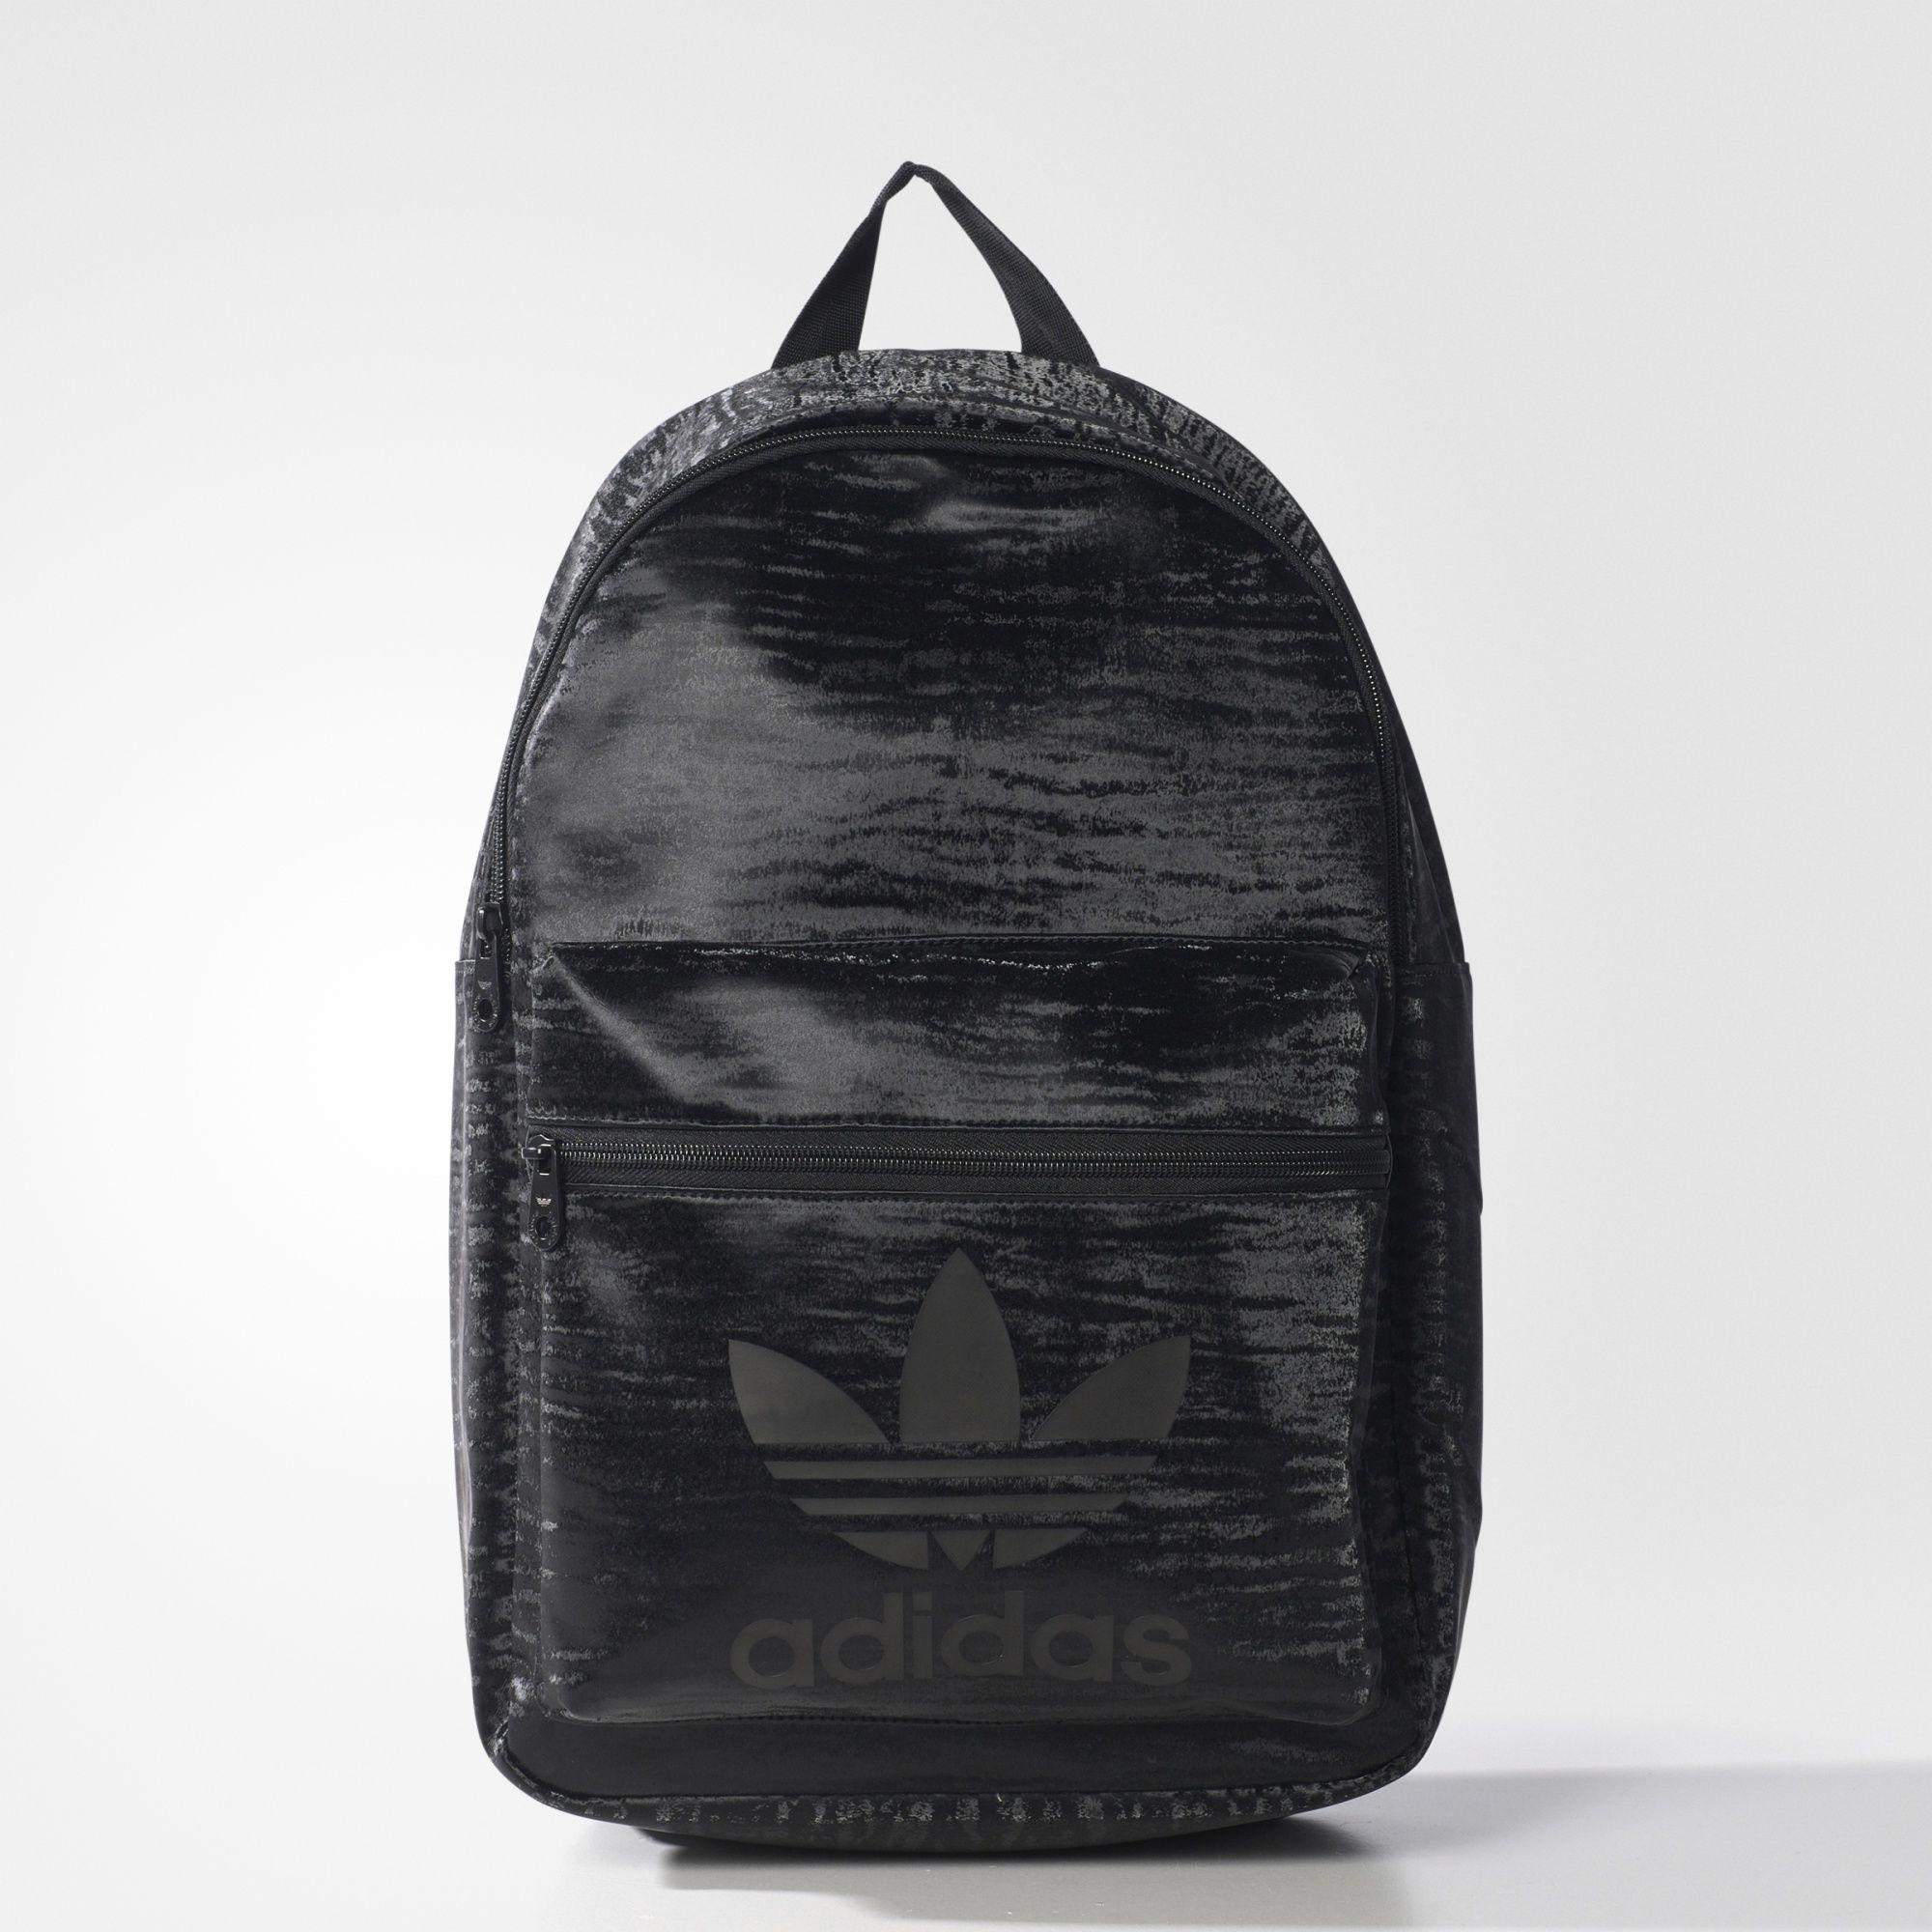 Adidas Mochila Classic monederos Pinterest Adidas, mochilas